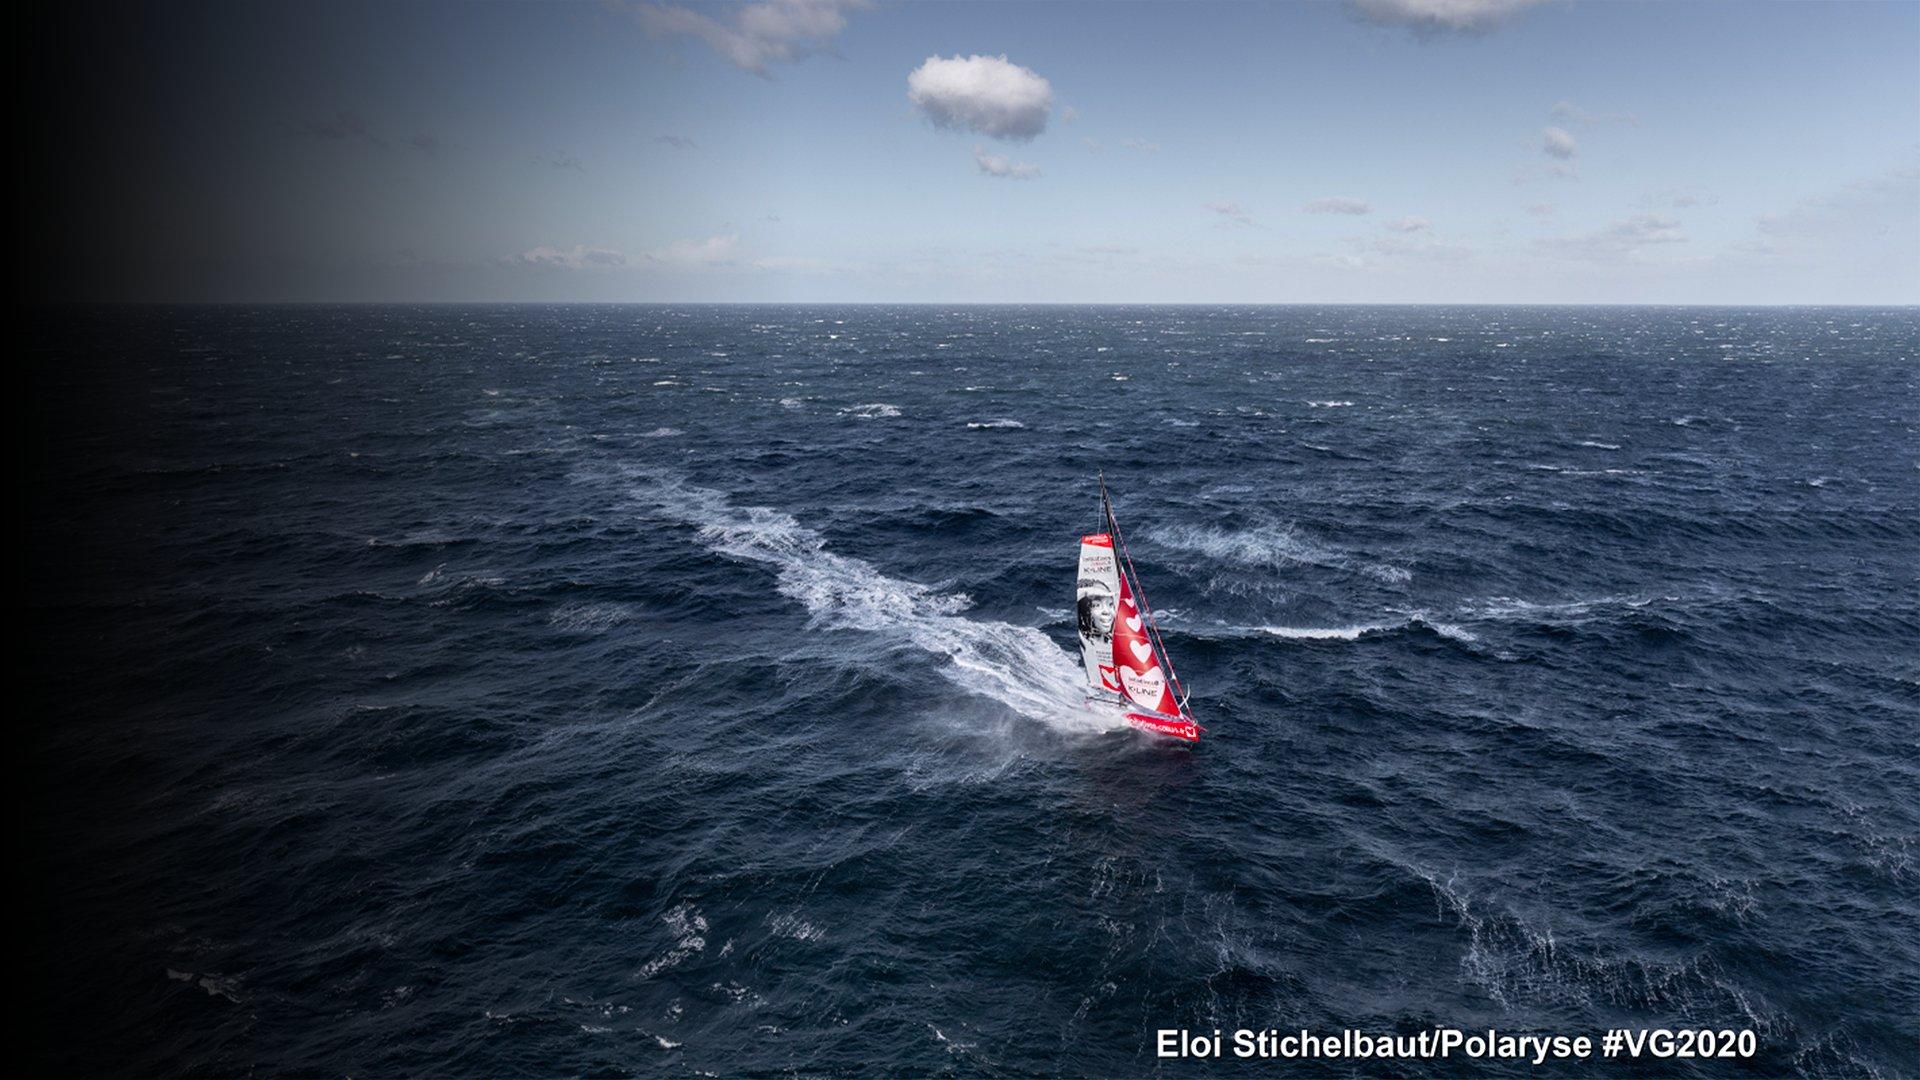 fond Au cœur du Vendée Globe J18 : Le manque de vent et l'anticyclone de Sainte-Hélène donnent du fil à retordre